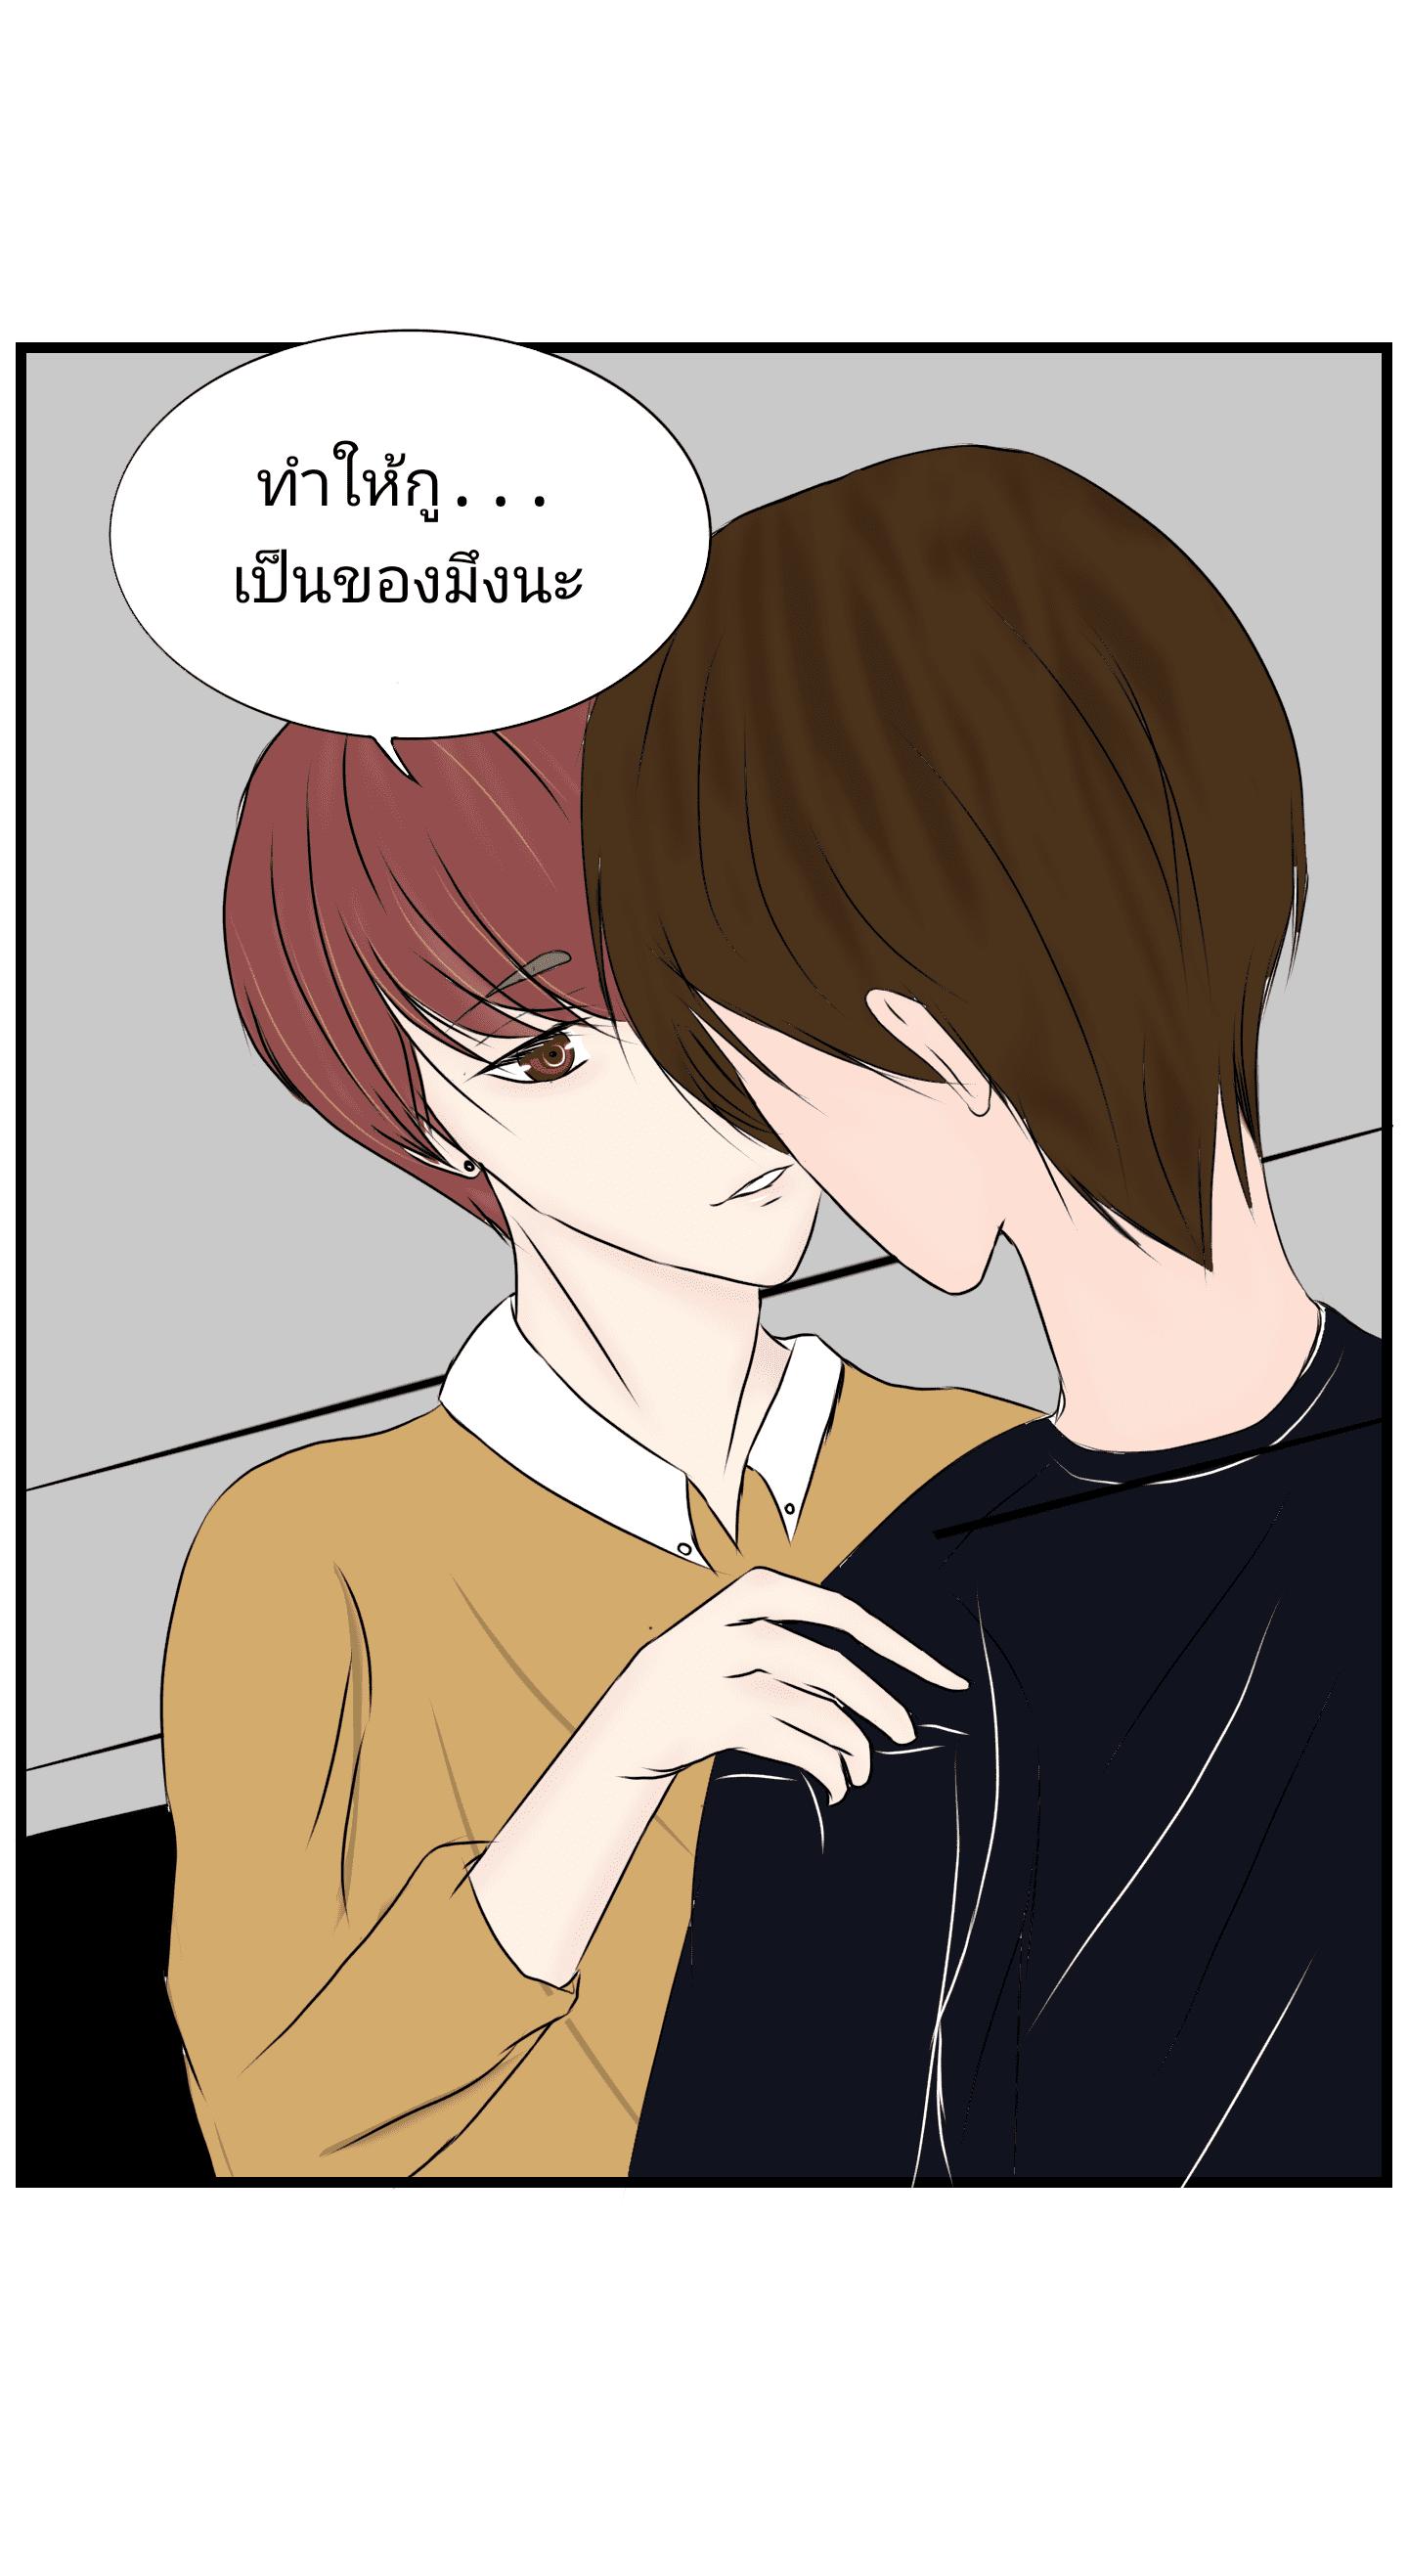 OS ชั่ววูบ - ขอโทษ